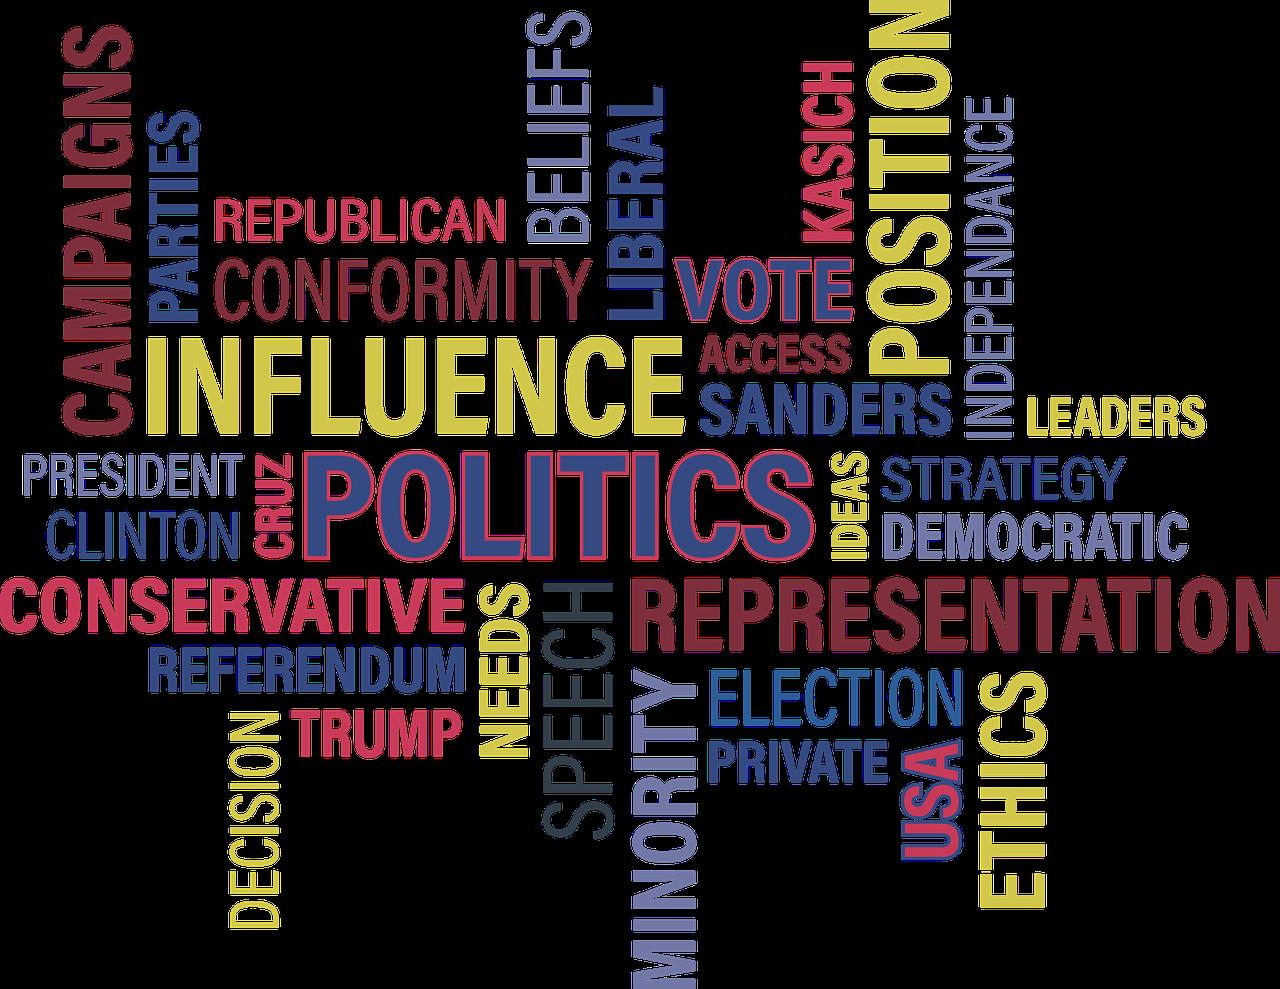 politics-1327276_1280.png